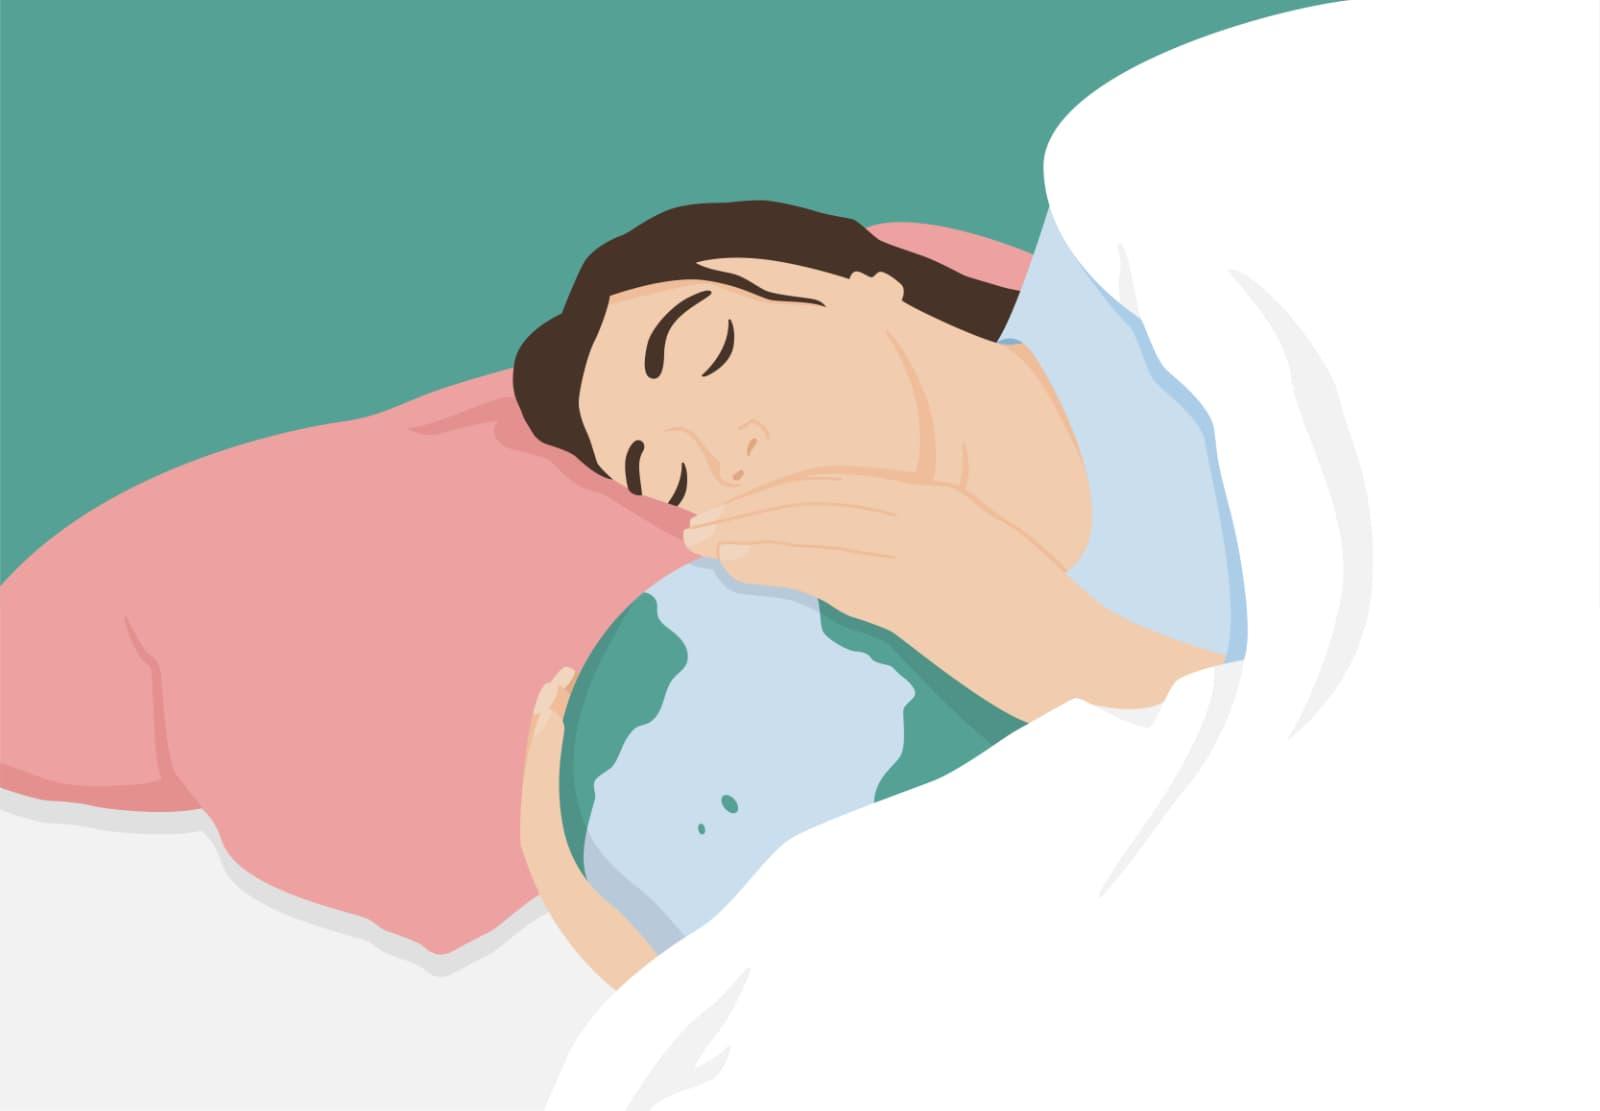 Schlafkultur: Schlafgewohnheiten und Schlaf-Timing unterscheiden sich in den Kulturkreisen oft deutlich voneinander.